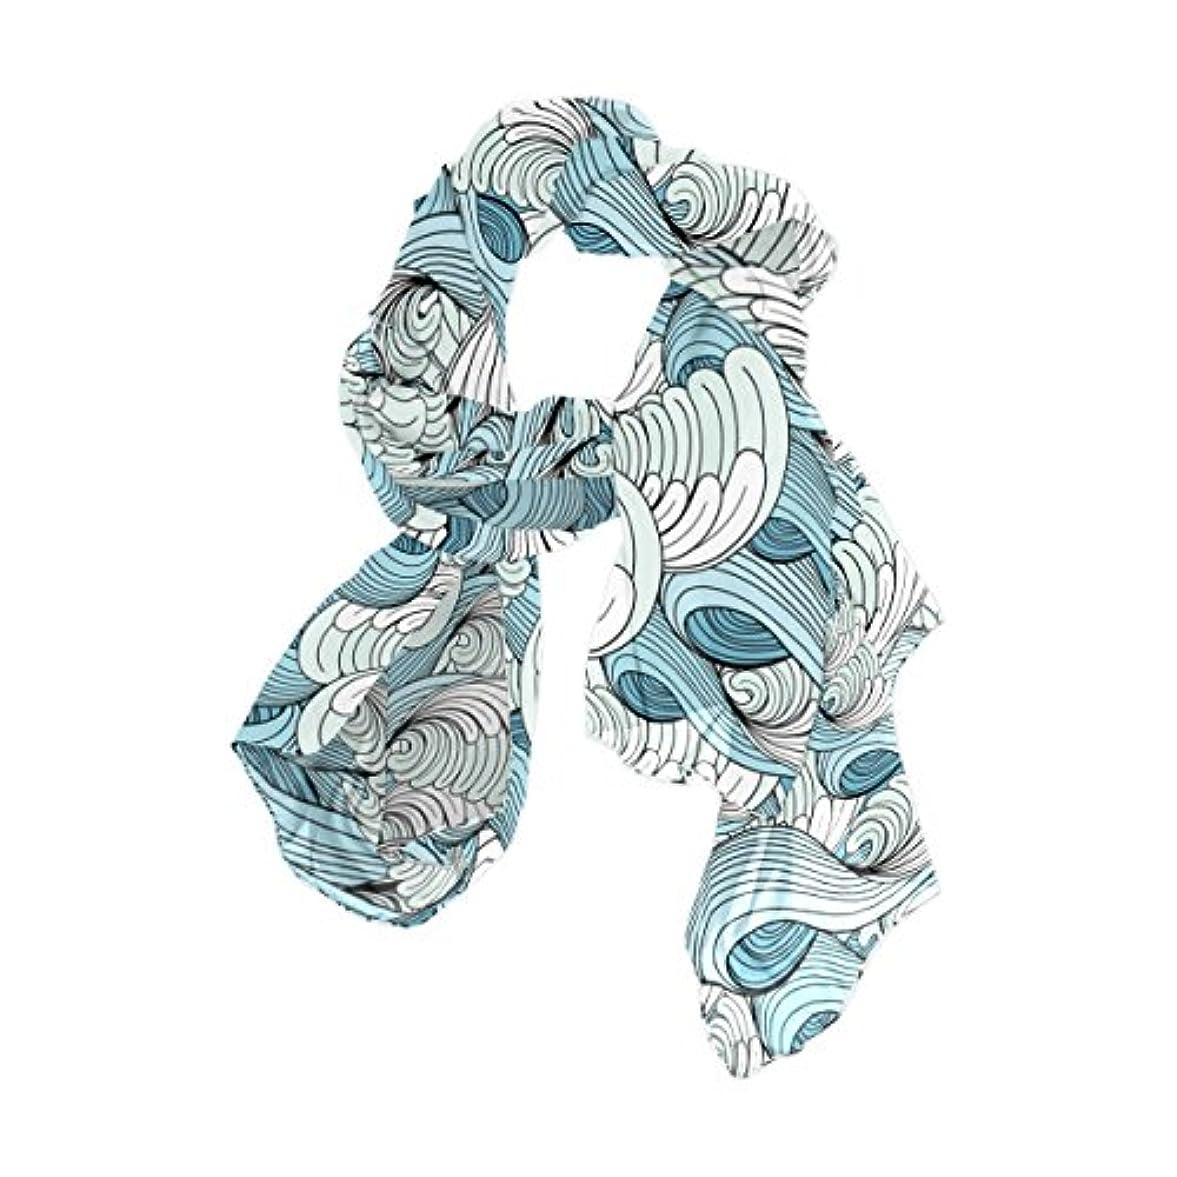 住むパワー劣るマキク(MAKIKU)レディース 柔かなストール ショール スカーフ 海 水 波 津波 美しい ブルー シフォン 優しい肌触り 羽織り 大判 薄手 華麗 パーティーストール ロング オフィススカーフ 90×180cm